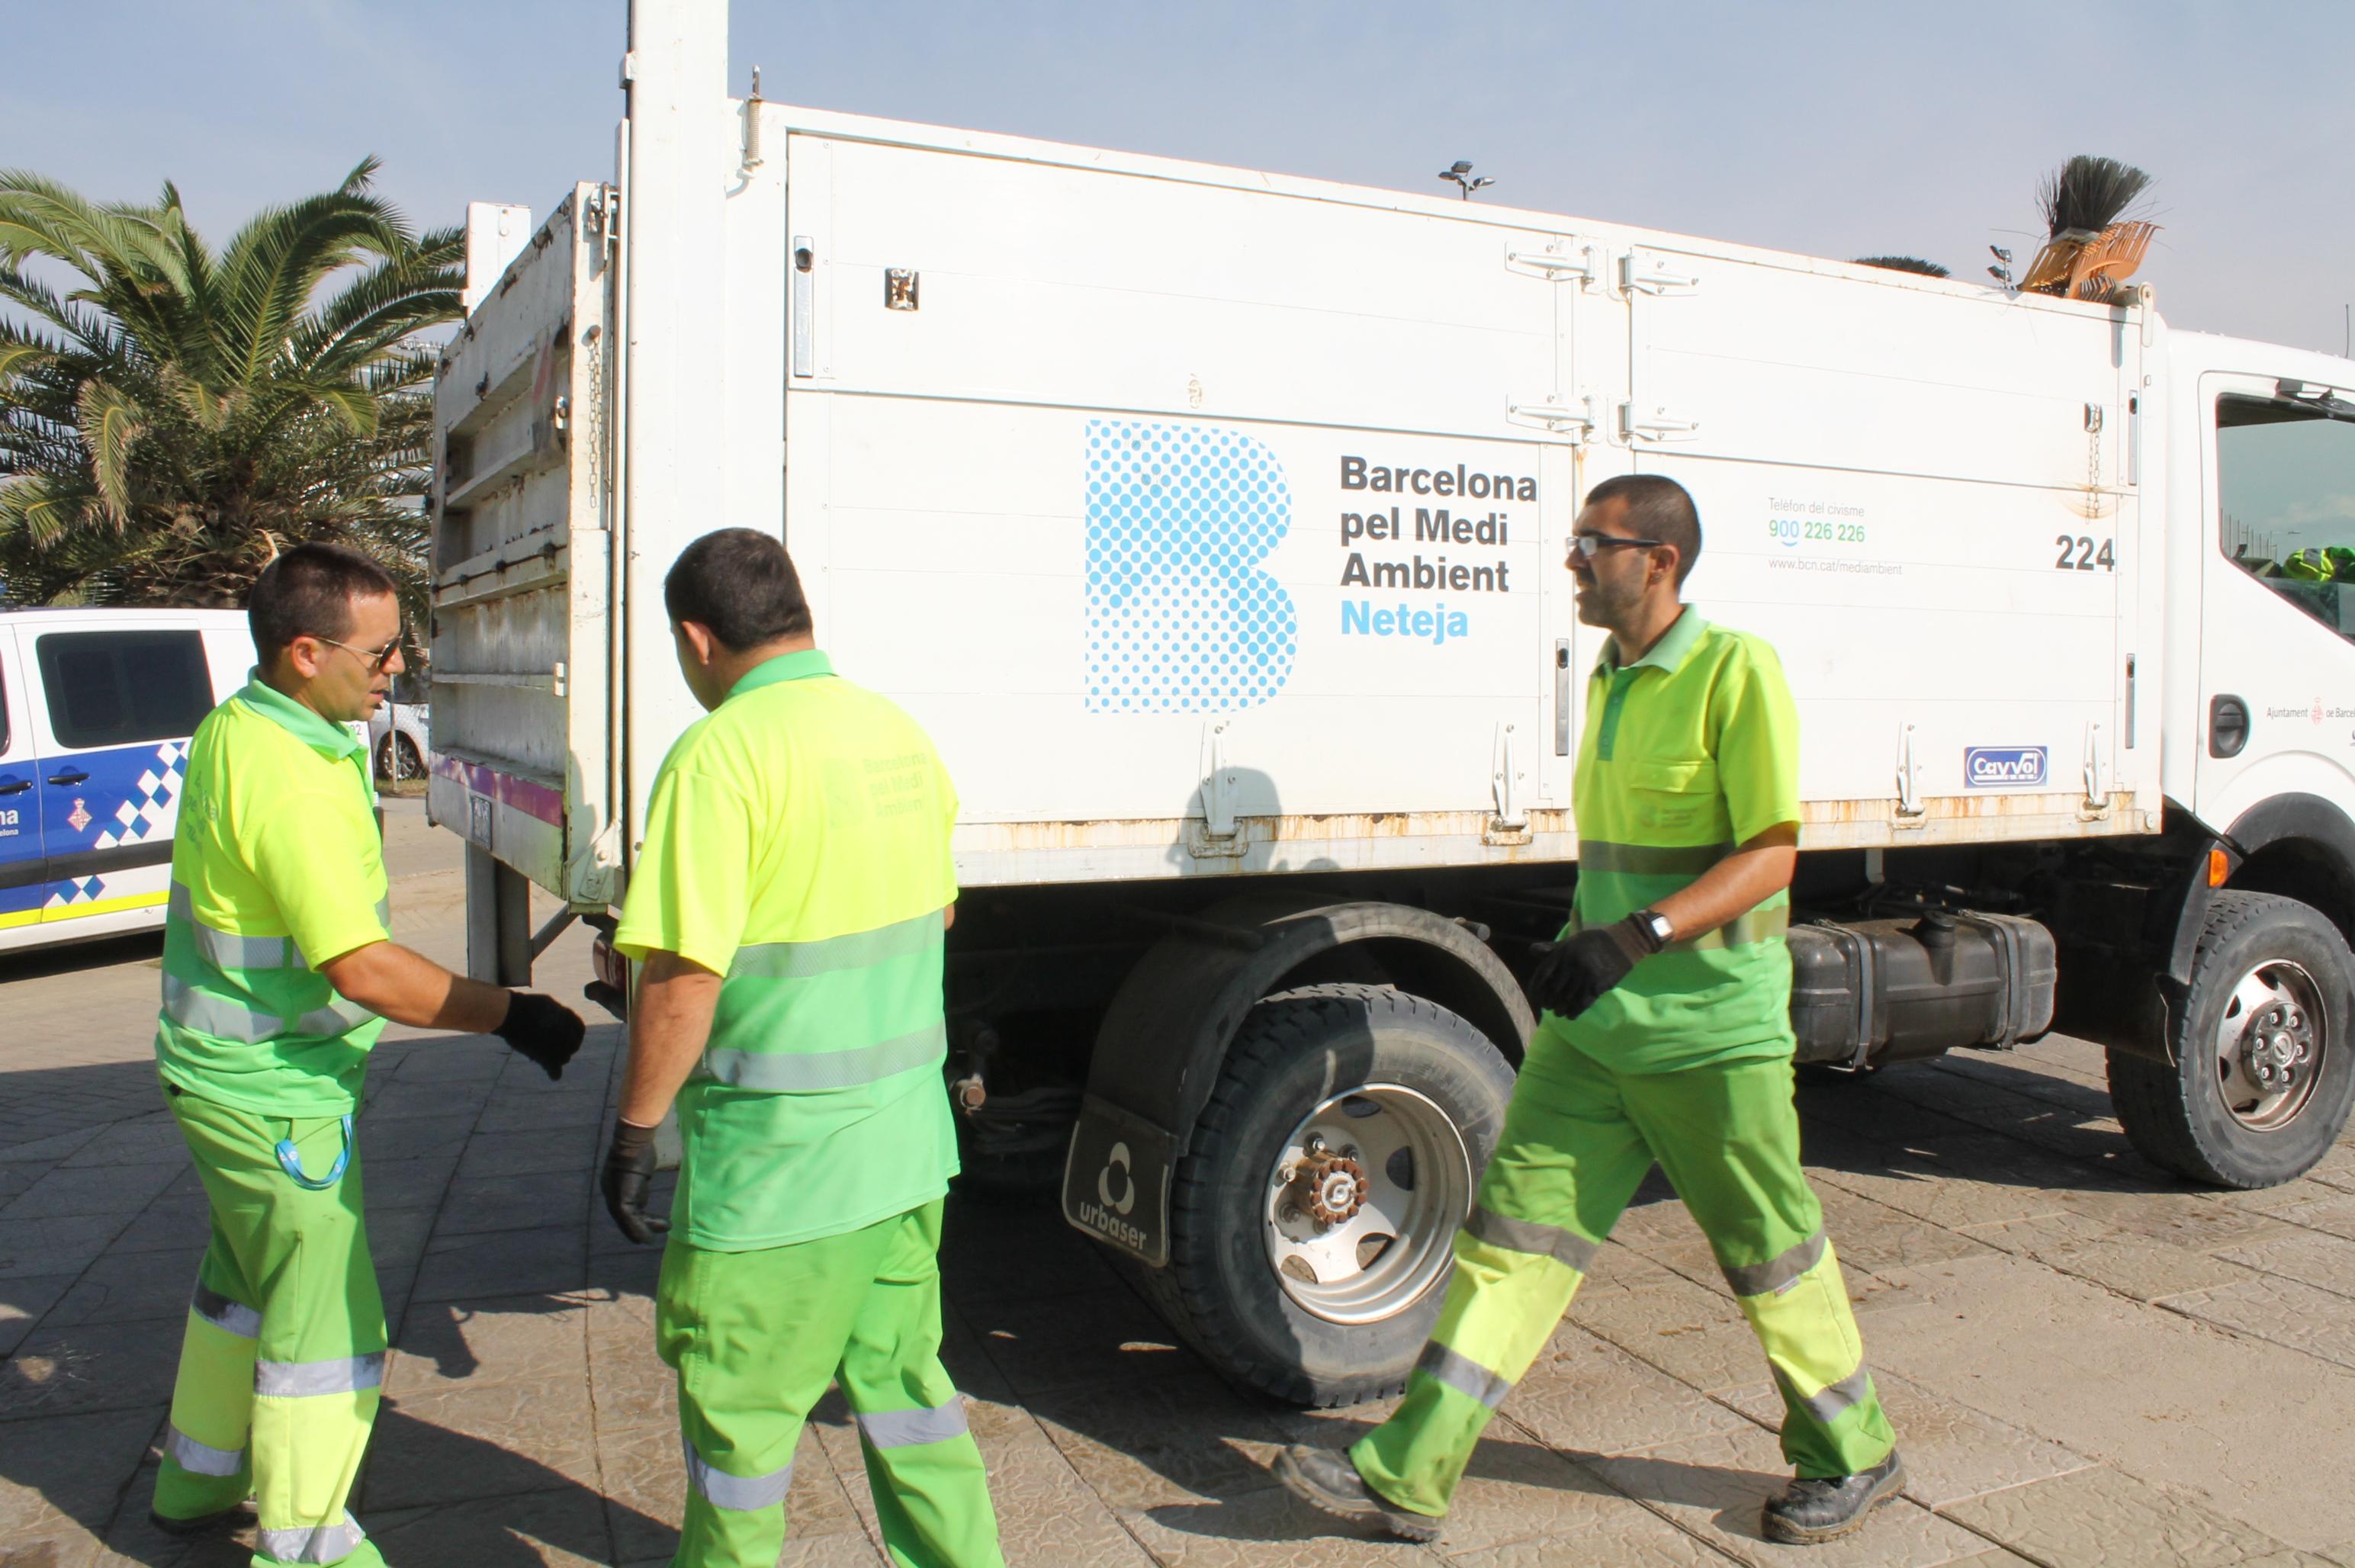 Informazione: Barcelona Pel Medi Ambient Trabajo